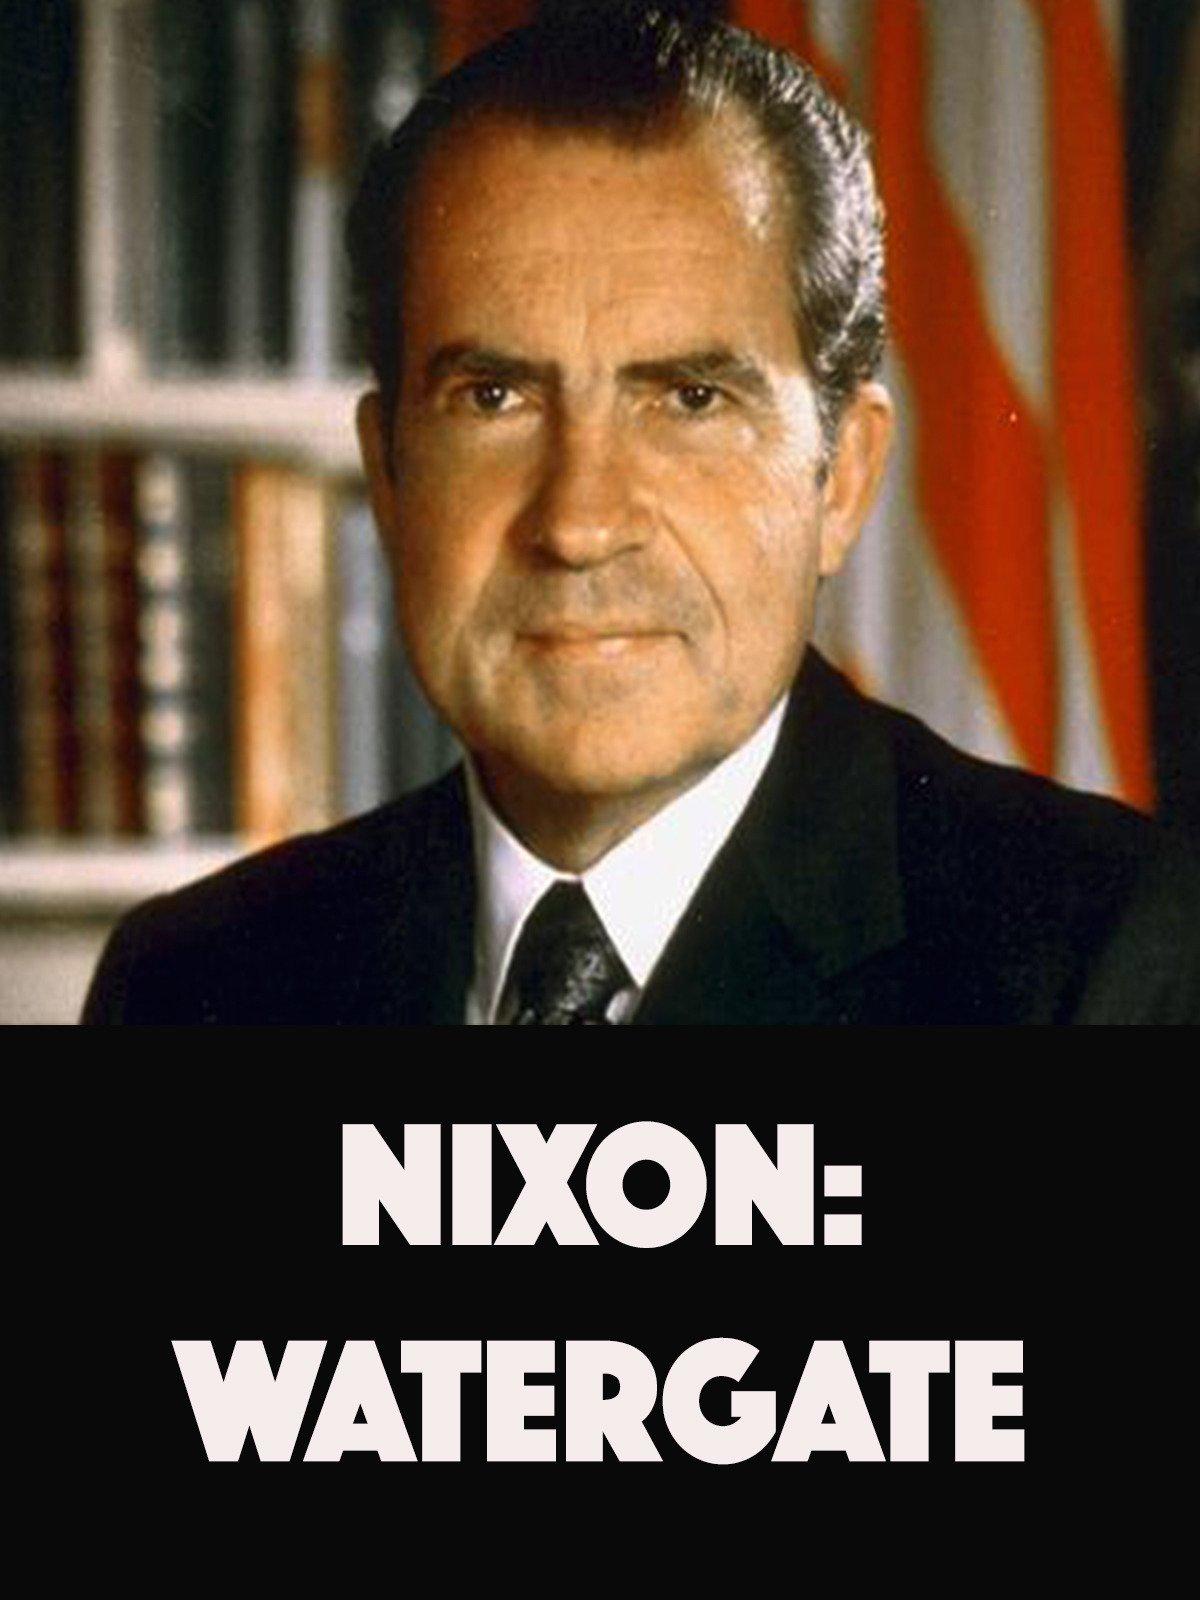 Nixon: Watergate